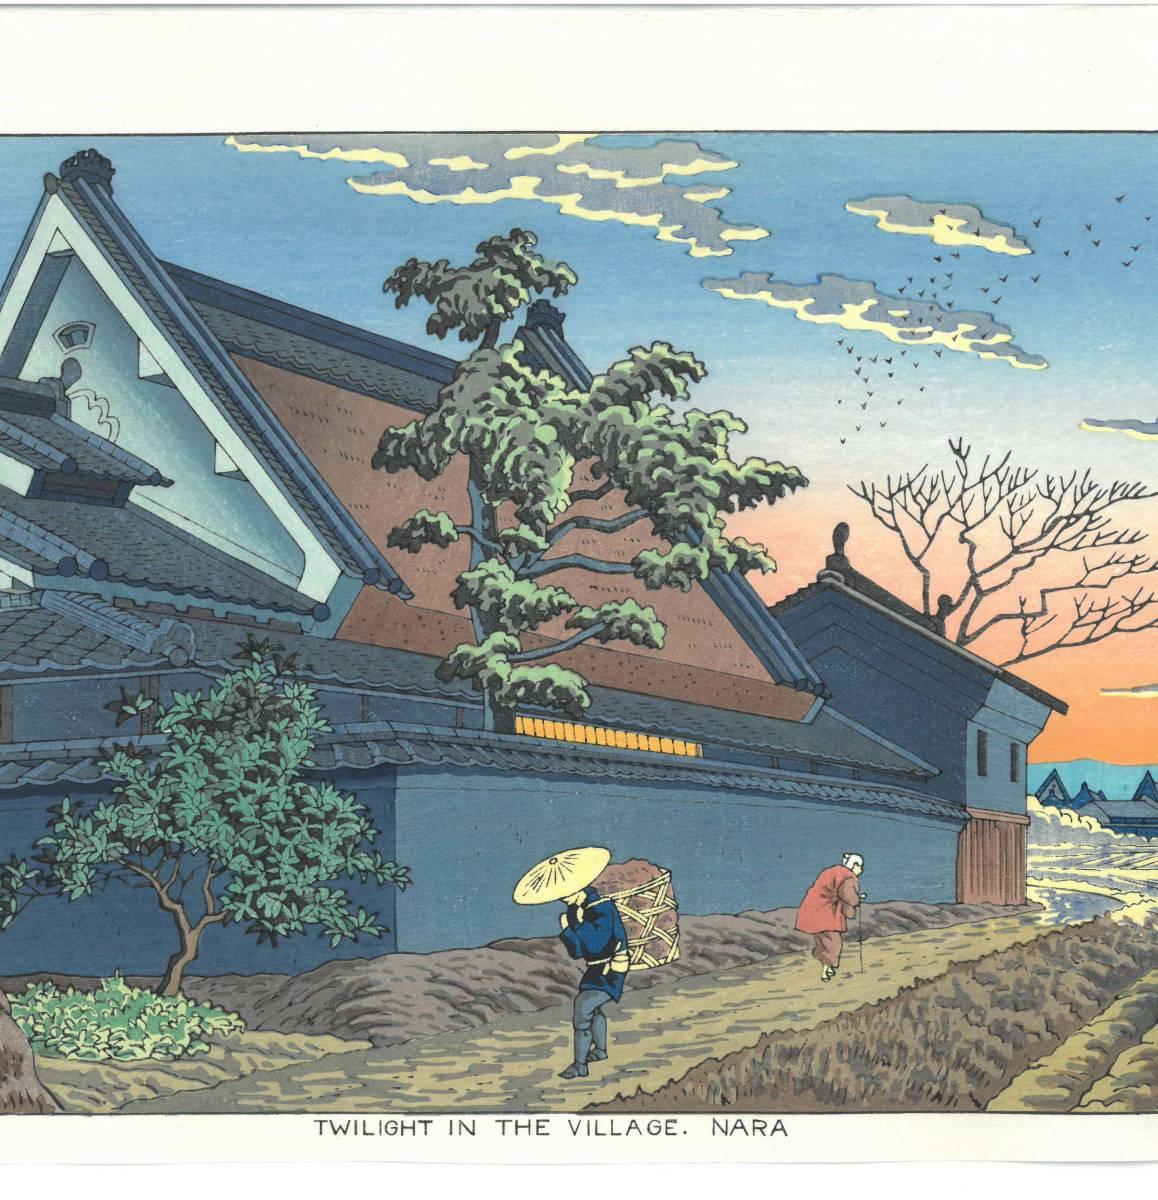 浅野竹二 (Asano Takeji) 木版画 TA20 大和路暮色 新版画 初版昭和20年頃 京都の一流の摺師の技をご堪能下さい!!_画像4